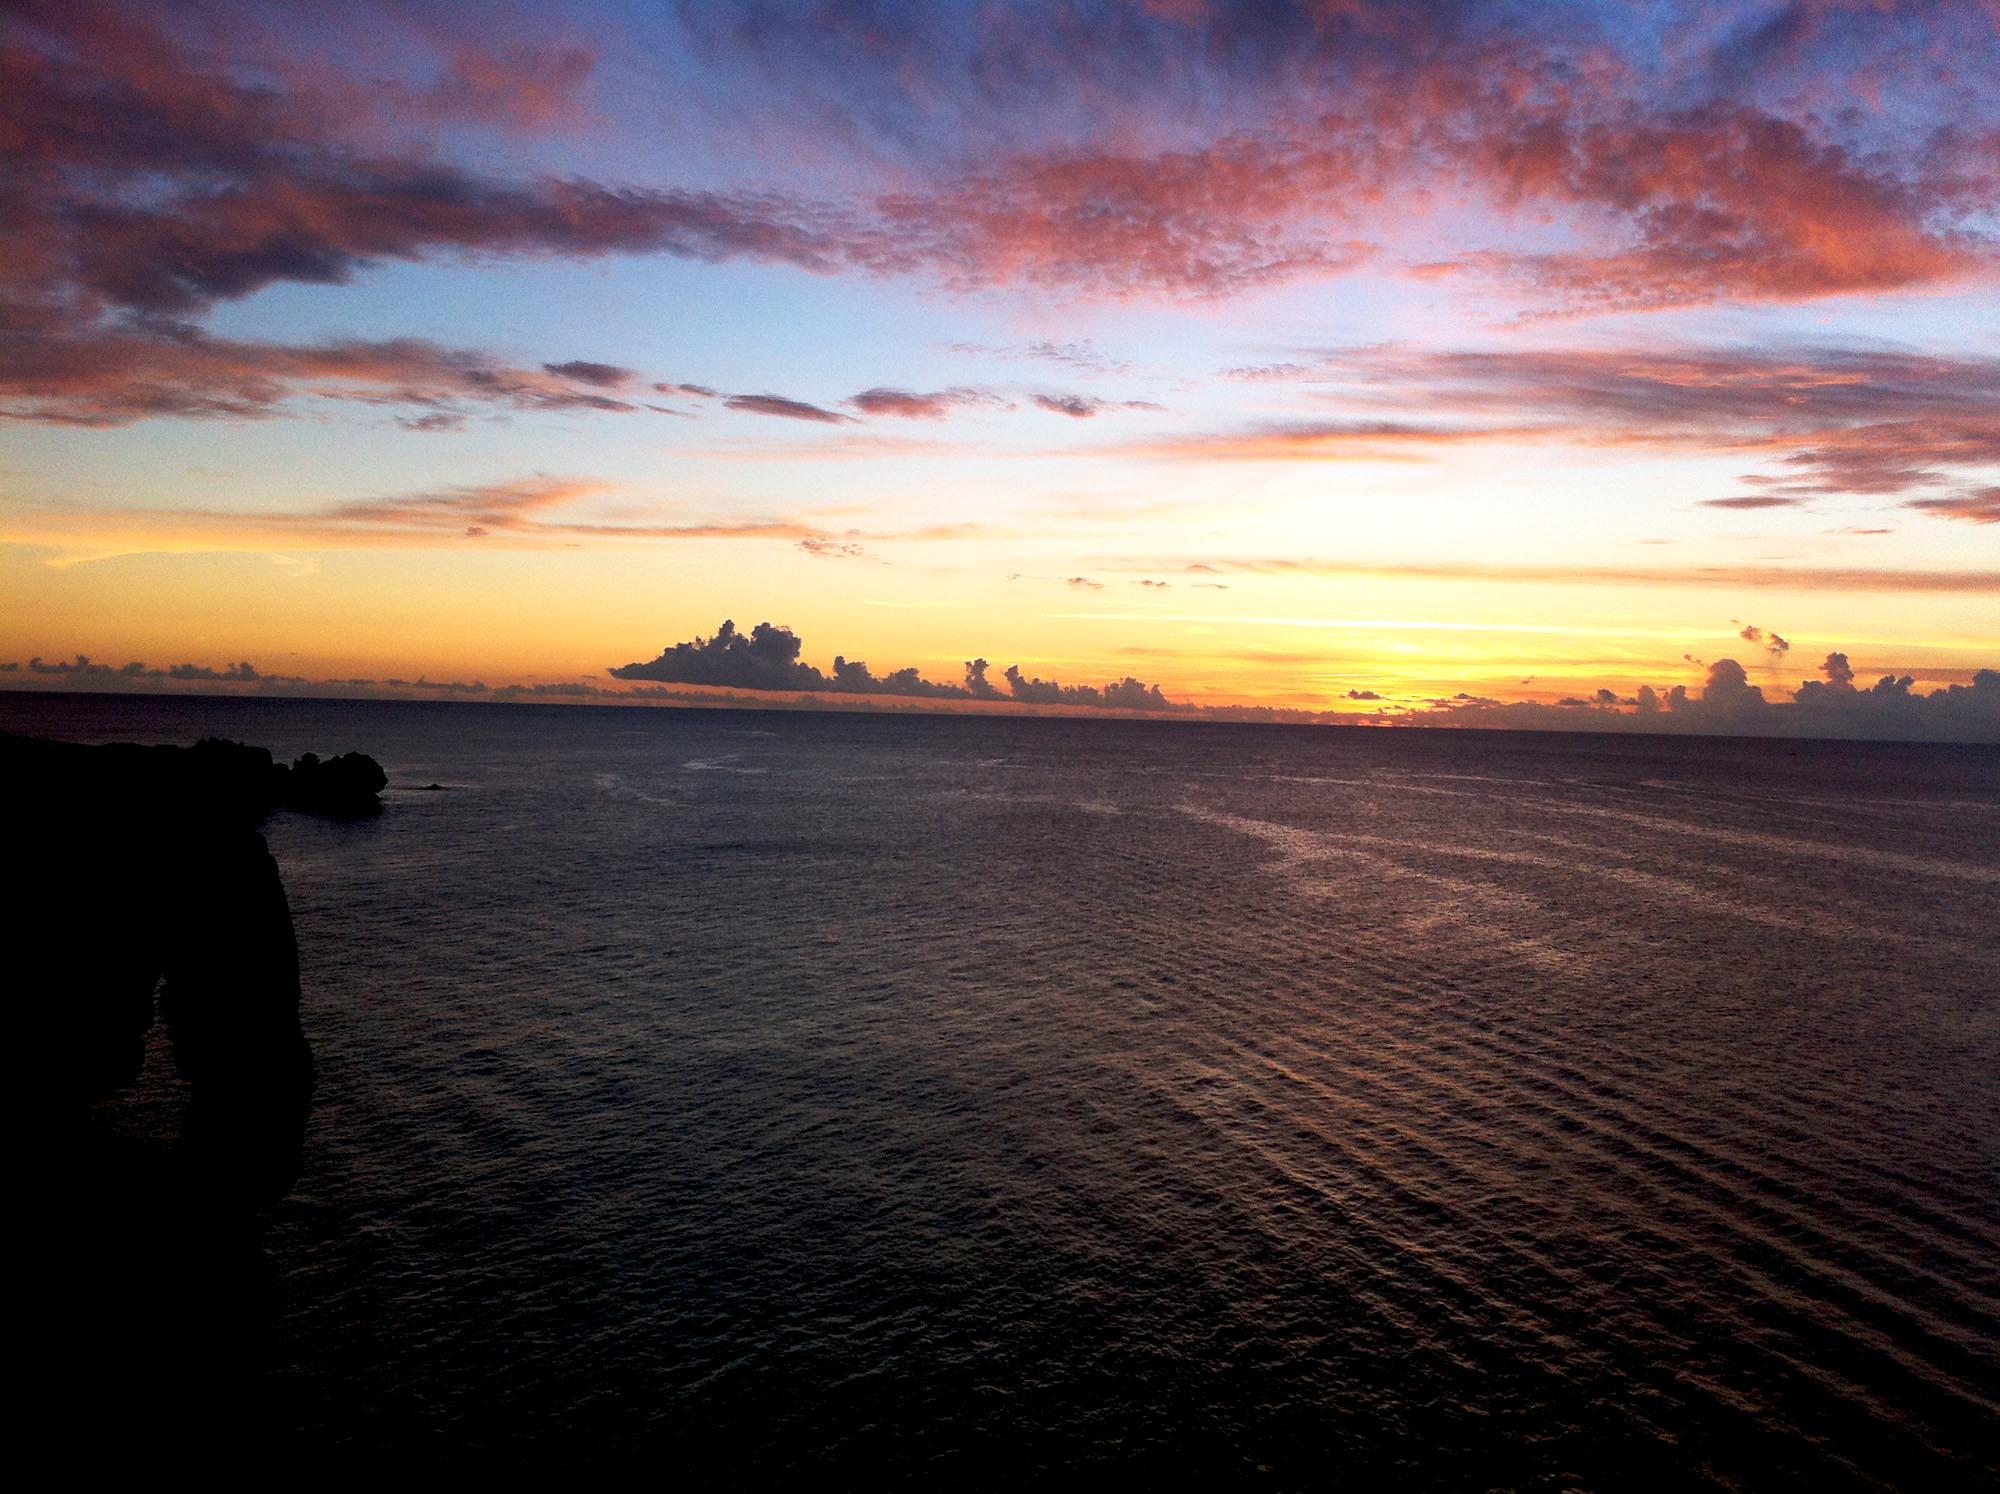 「万座毛」夕日が美しい恩納村で人気の景勝地!沖縄の代表的観光地でもあり!